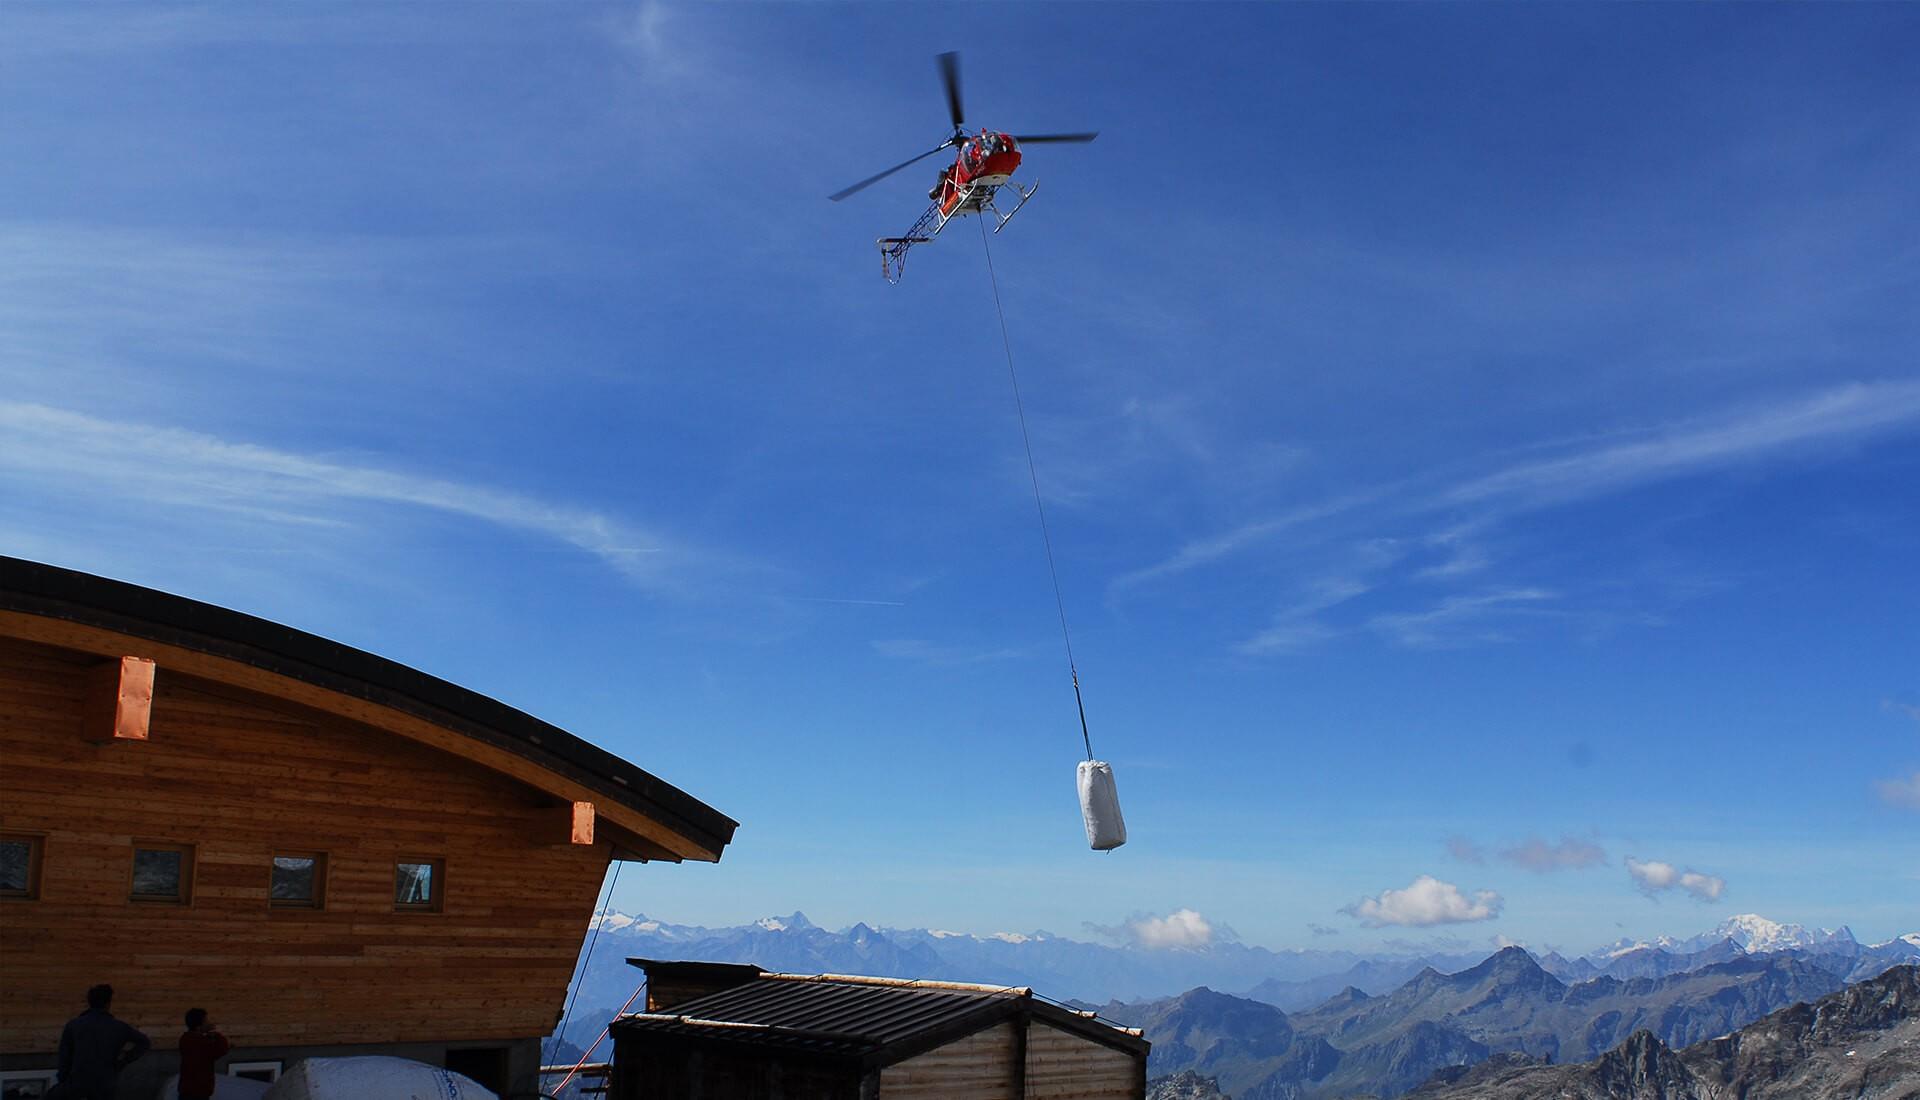 Baustoffe werden mit Helikopter auf Berg transportiert